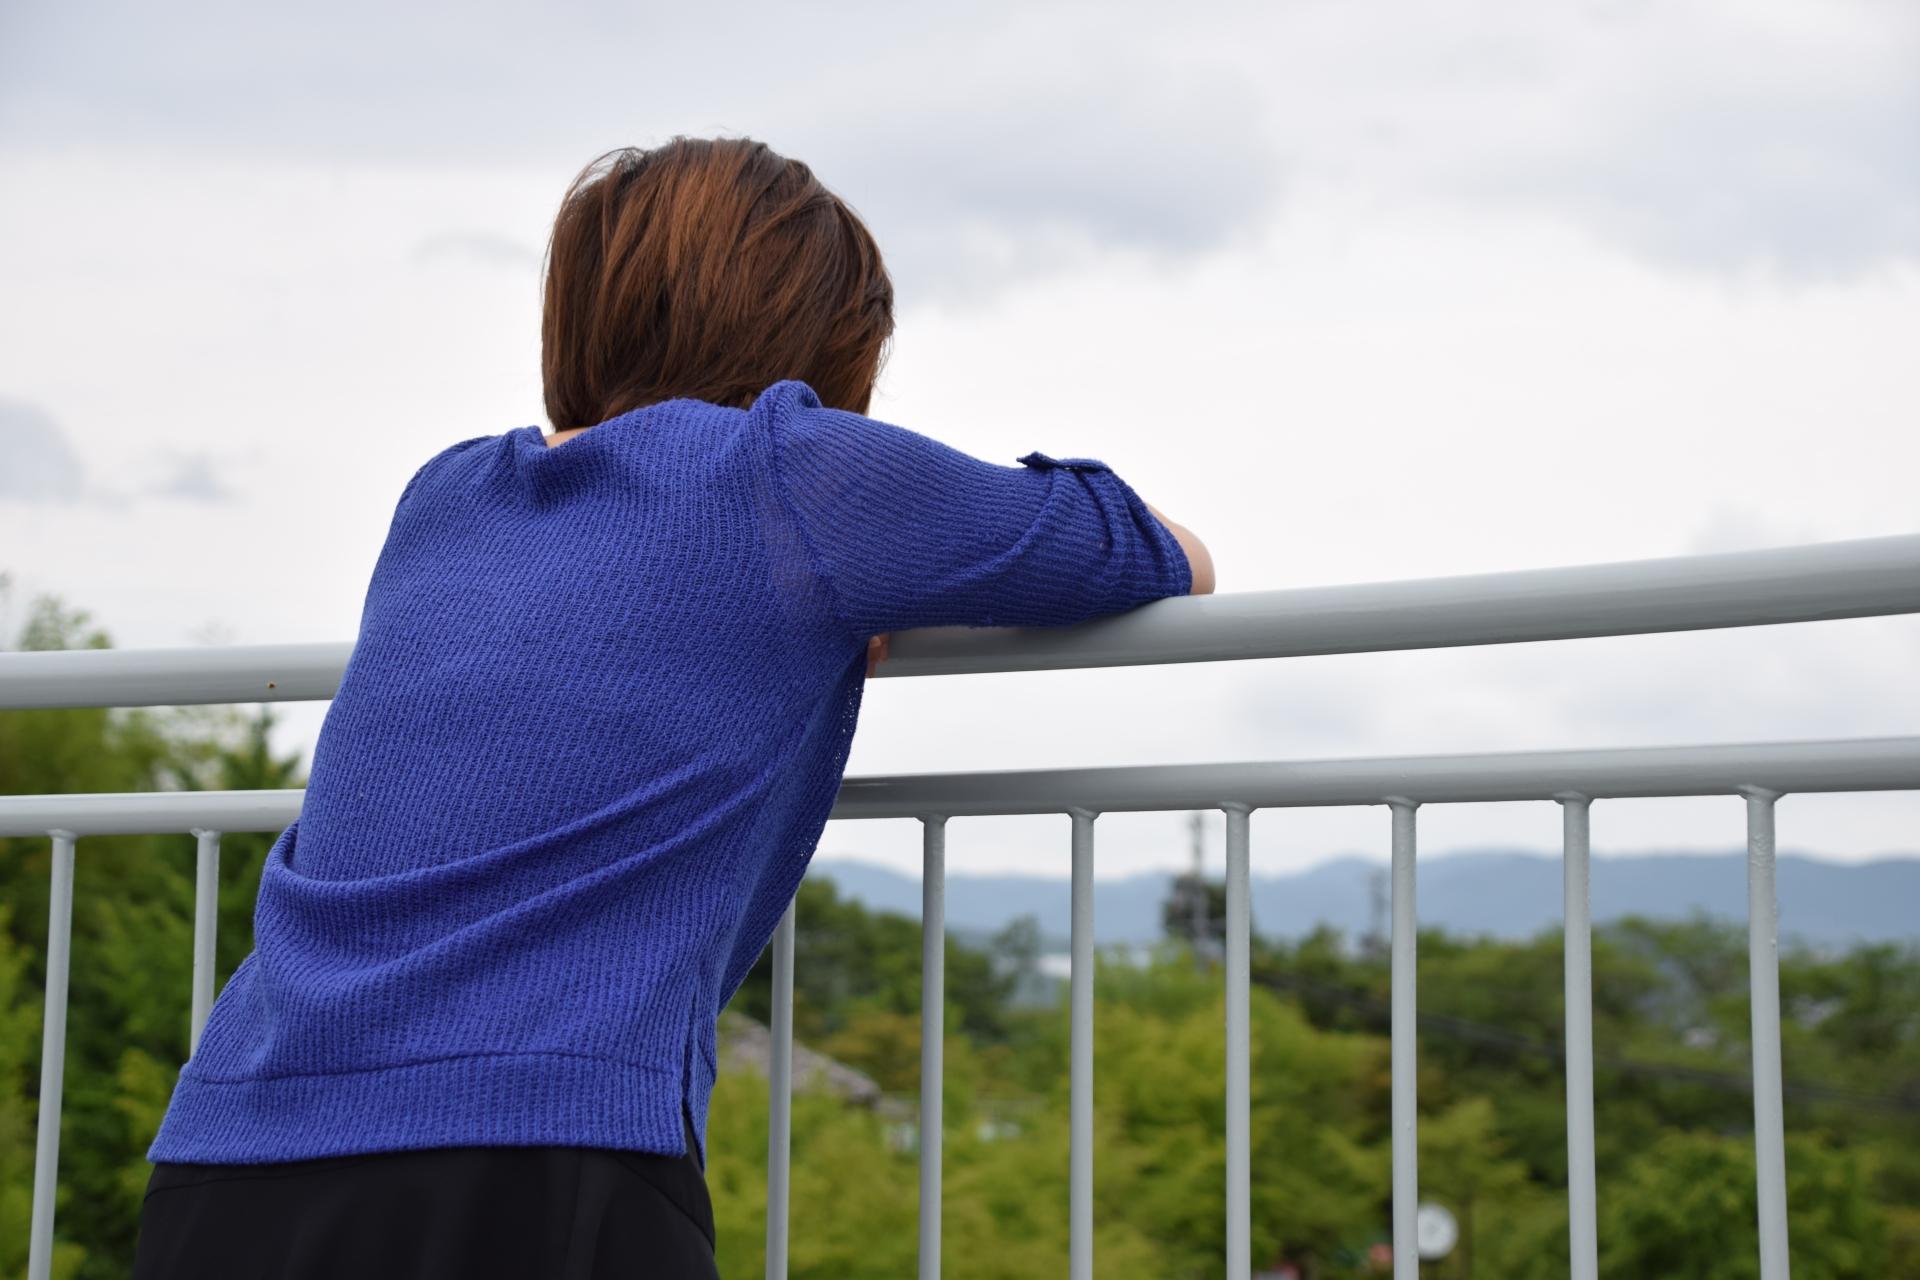 大学を辞めたいと鬱になる学生は多い!?原因と対策について